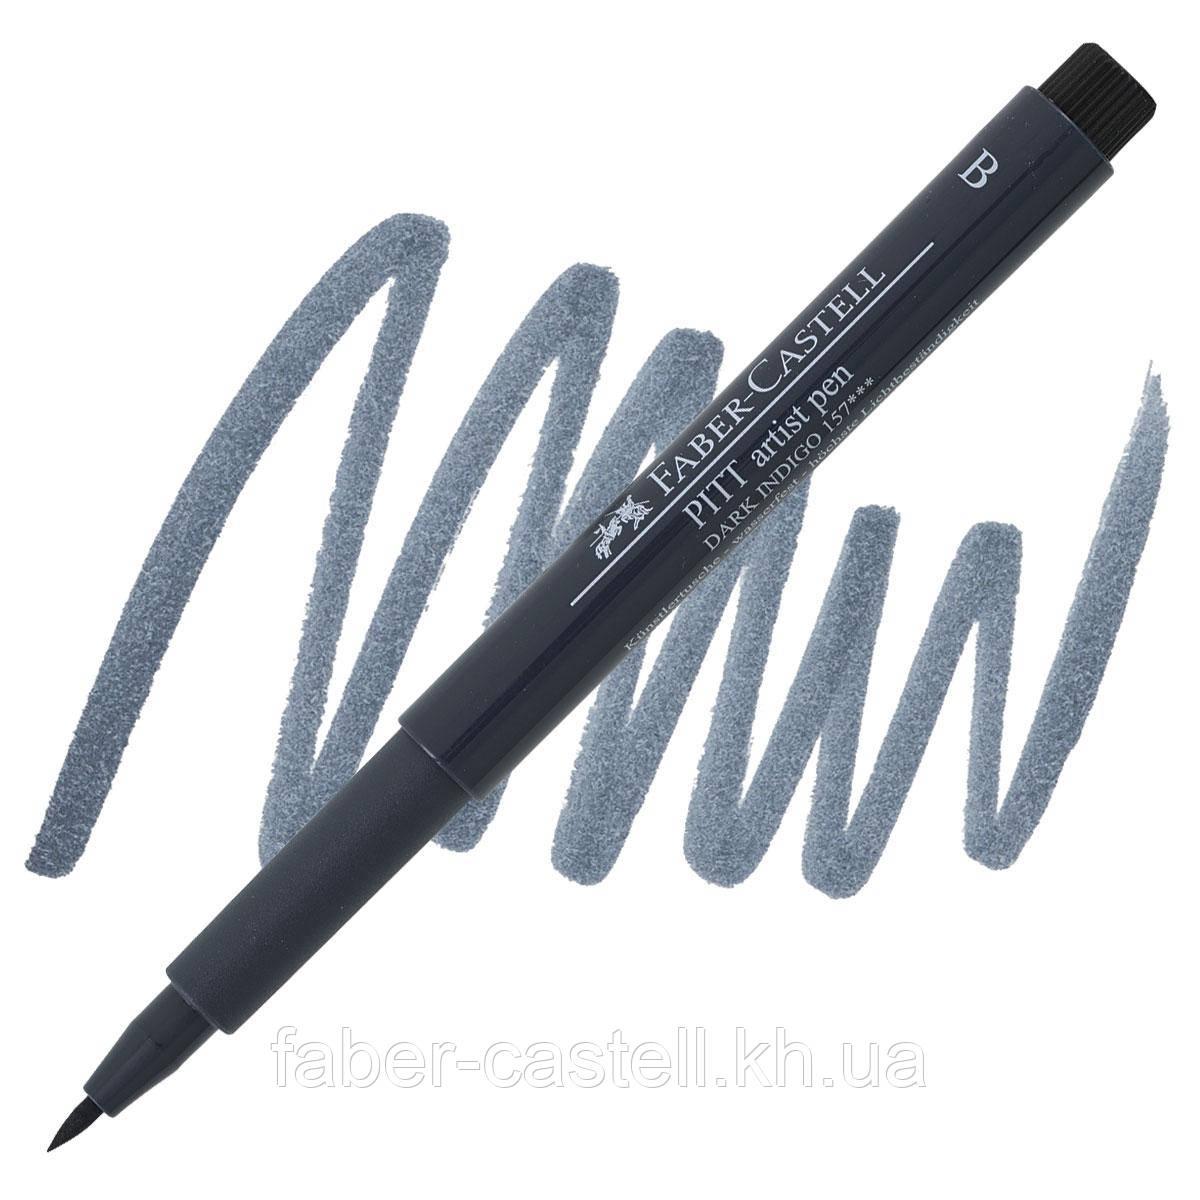 """Ручка-кисточка капиллярная Faber - Castell PITT® ARTIST PEN """"BRUSH"""" №157 темный индиго, 167457"""